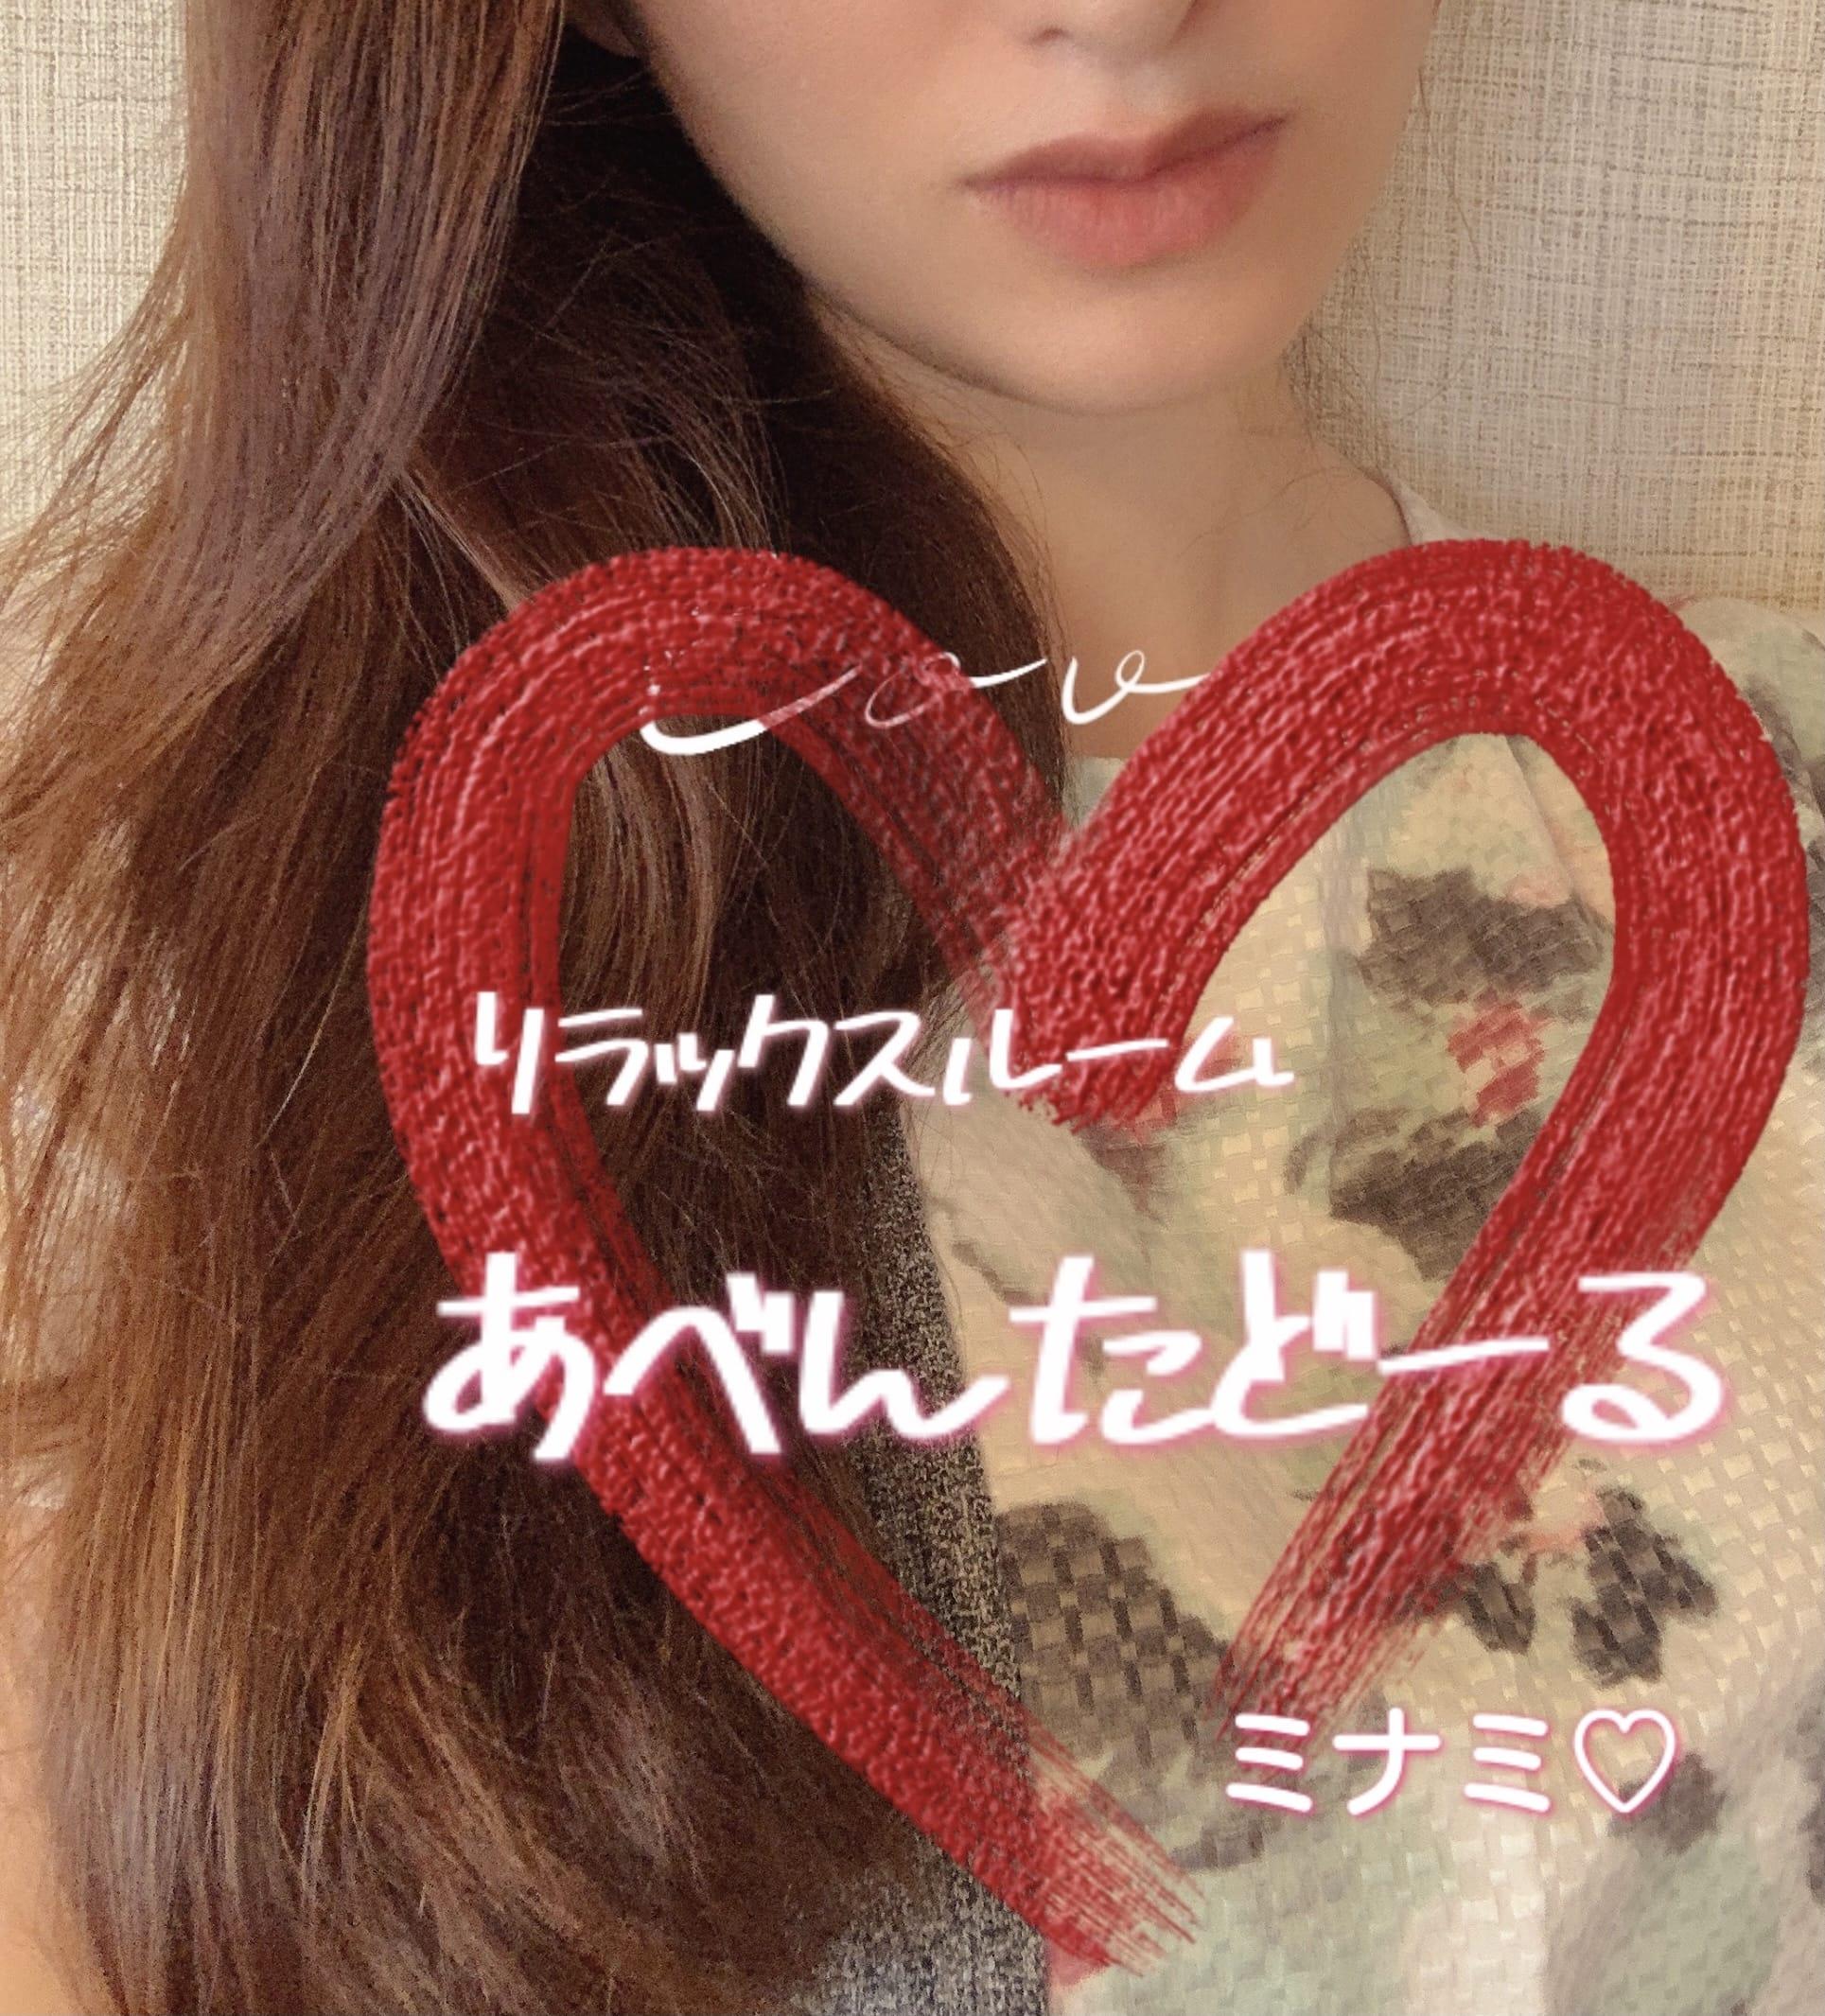 「今週の出勤予定(*ฅ́˘ฅ̀*)♥」07/12(月) 23:36 | ミナミ(30代)の写メ日記